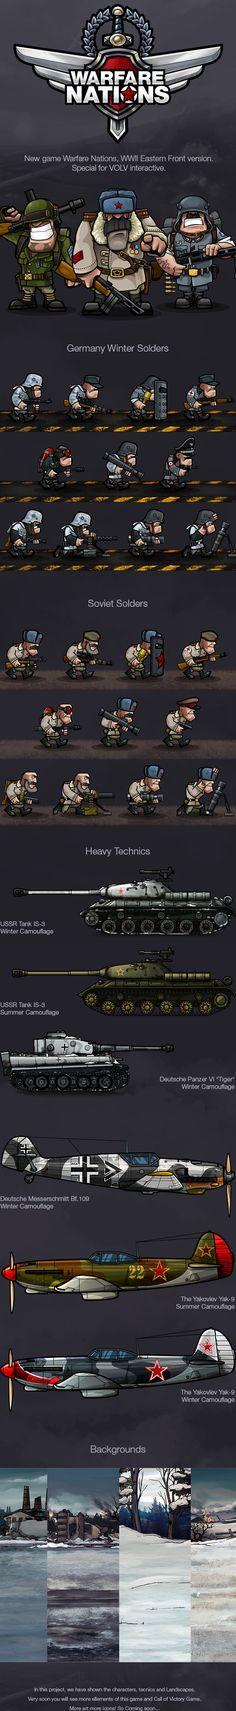 https://www.behance.net/gallery/17739199/Warfare-Nations-WWII-Eastern-Front-version